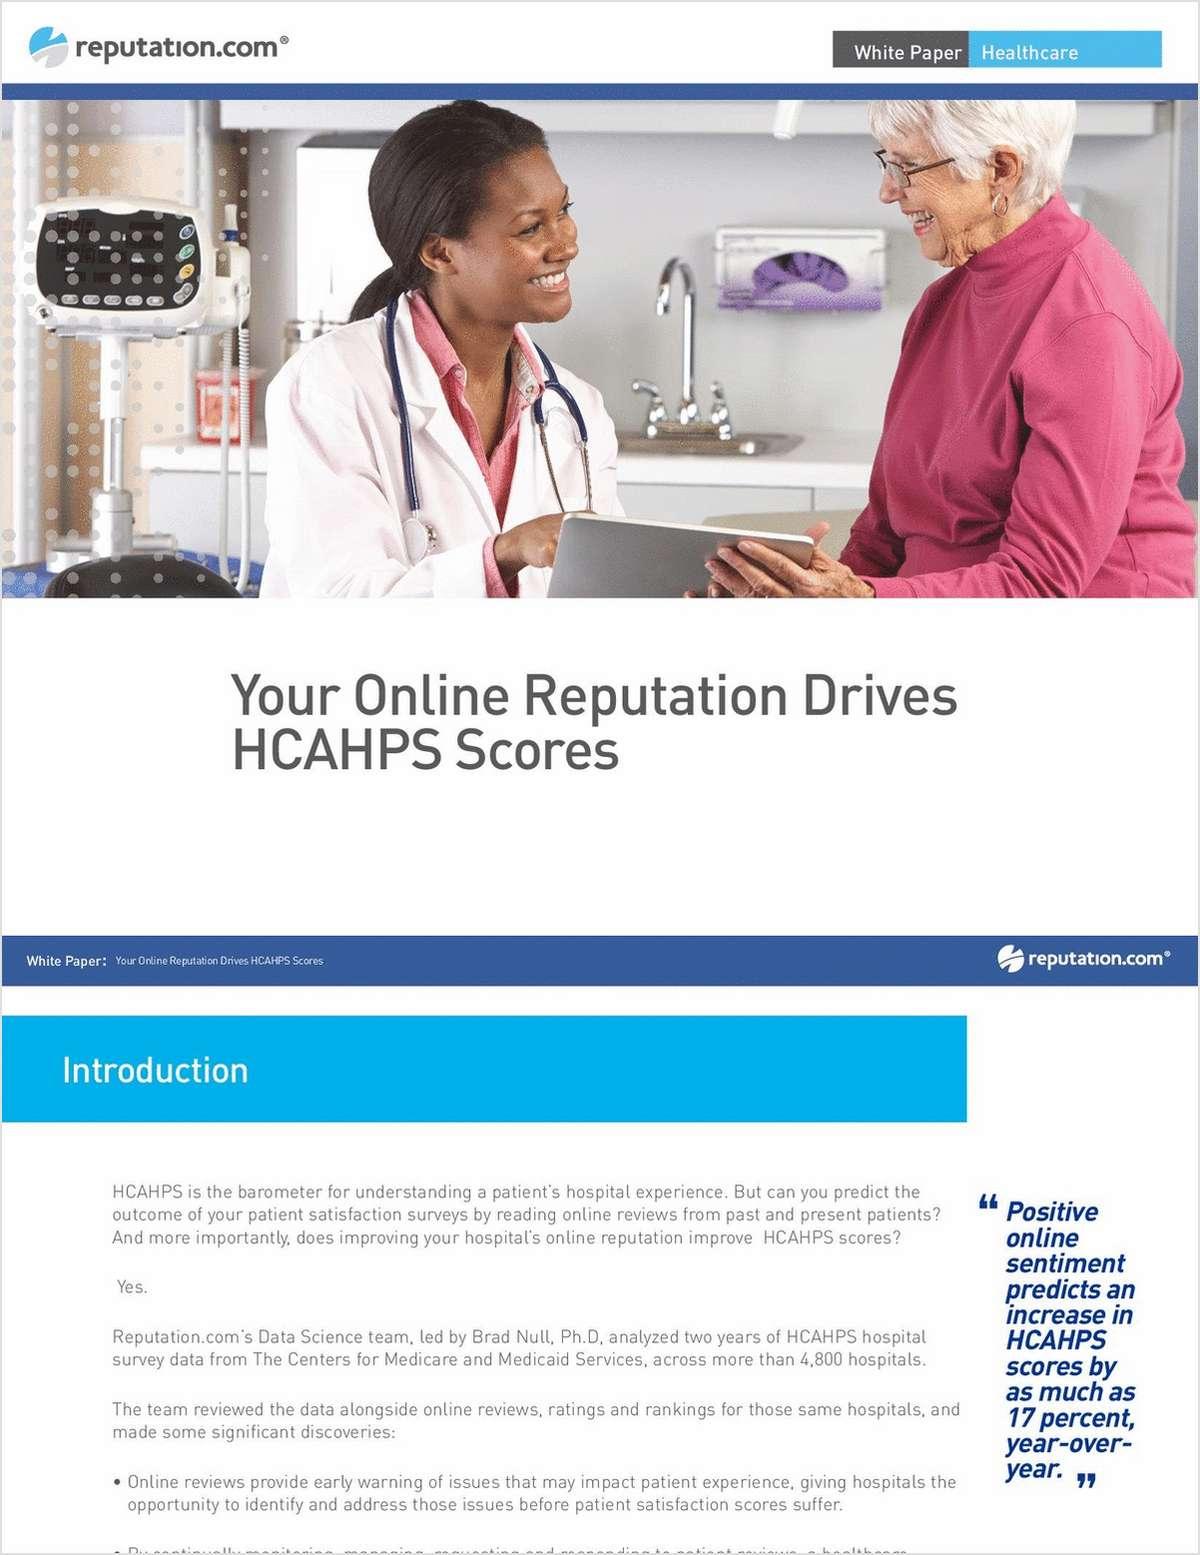 Your Online Reputation Drives HCAHPS Scores